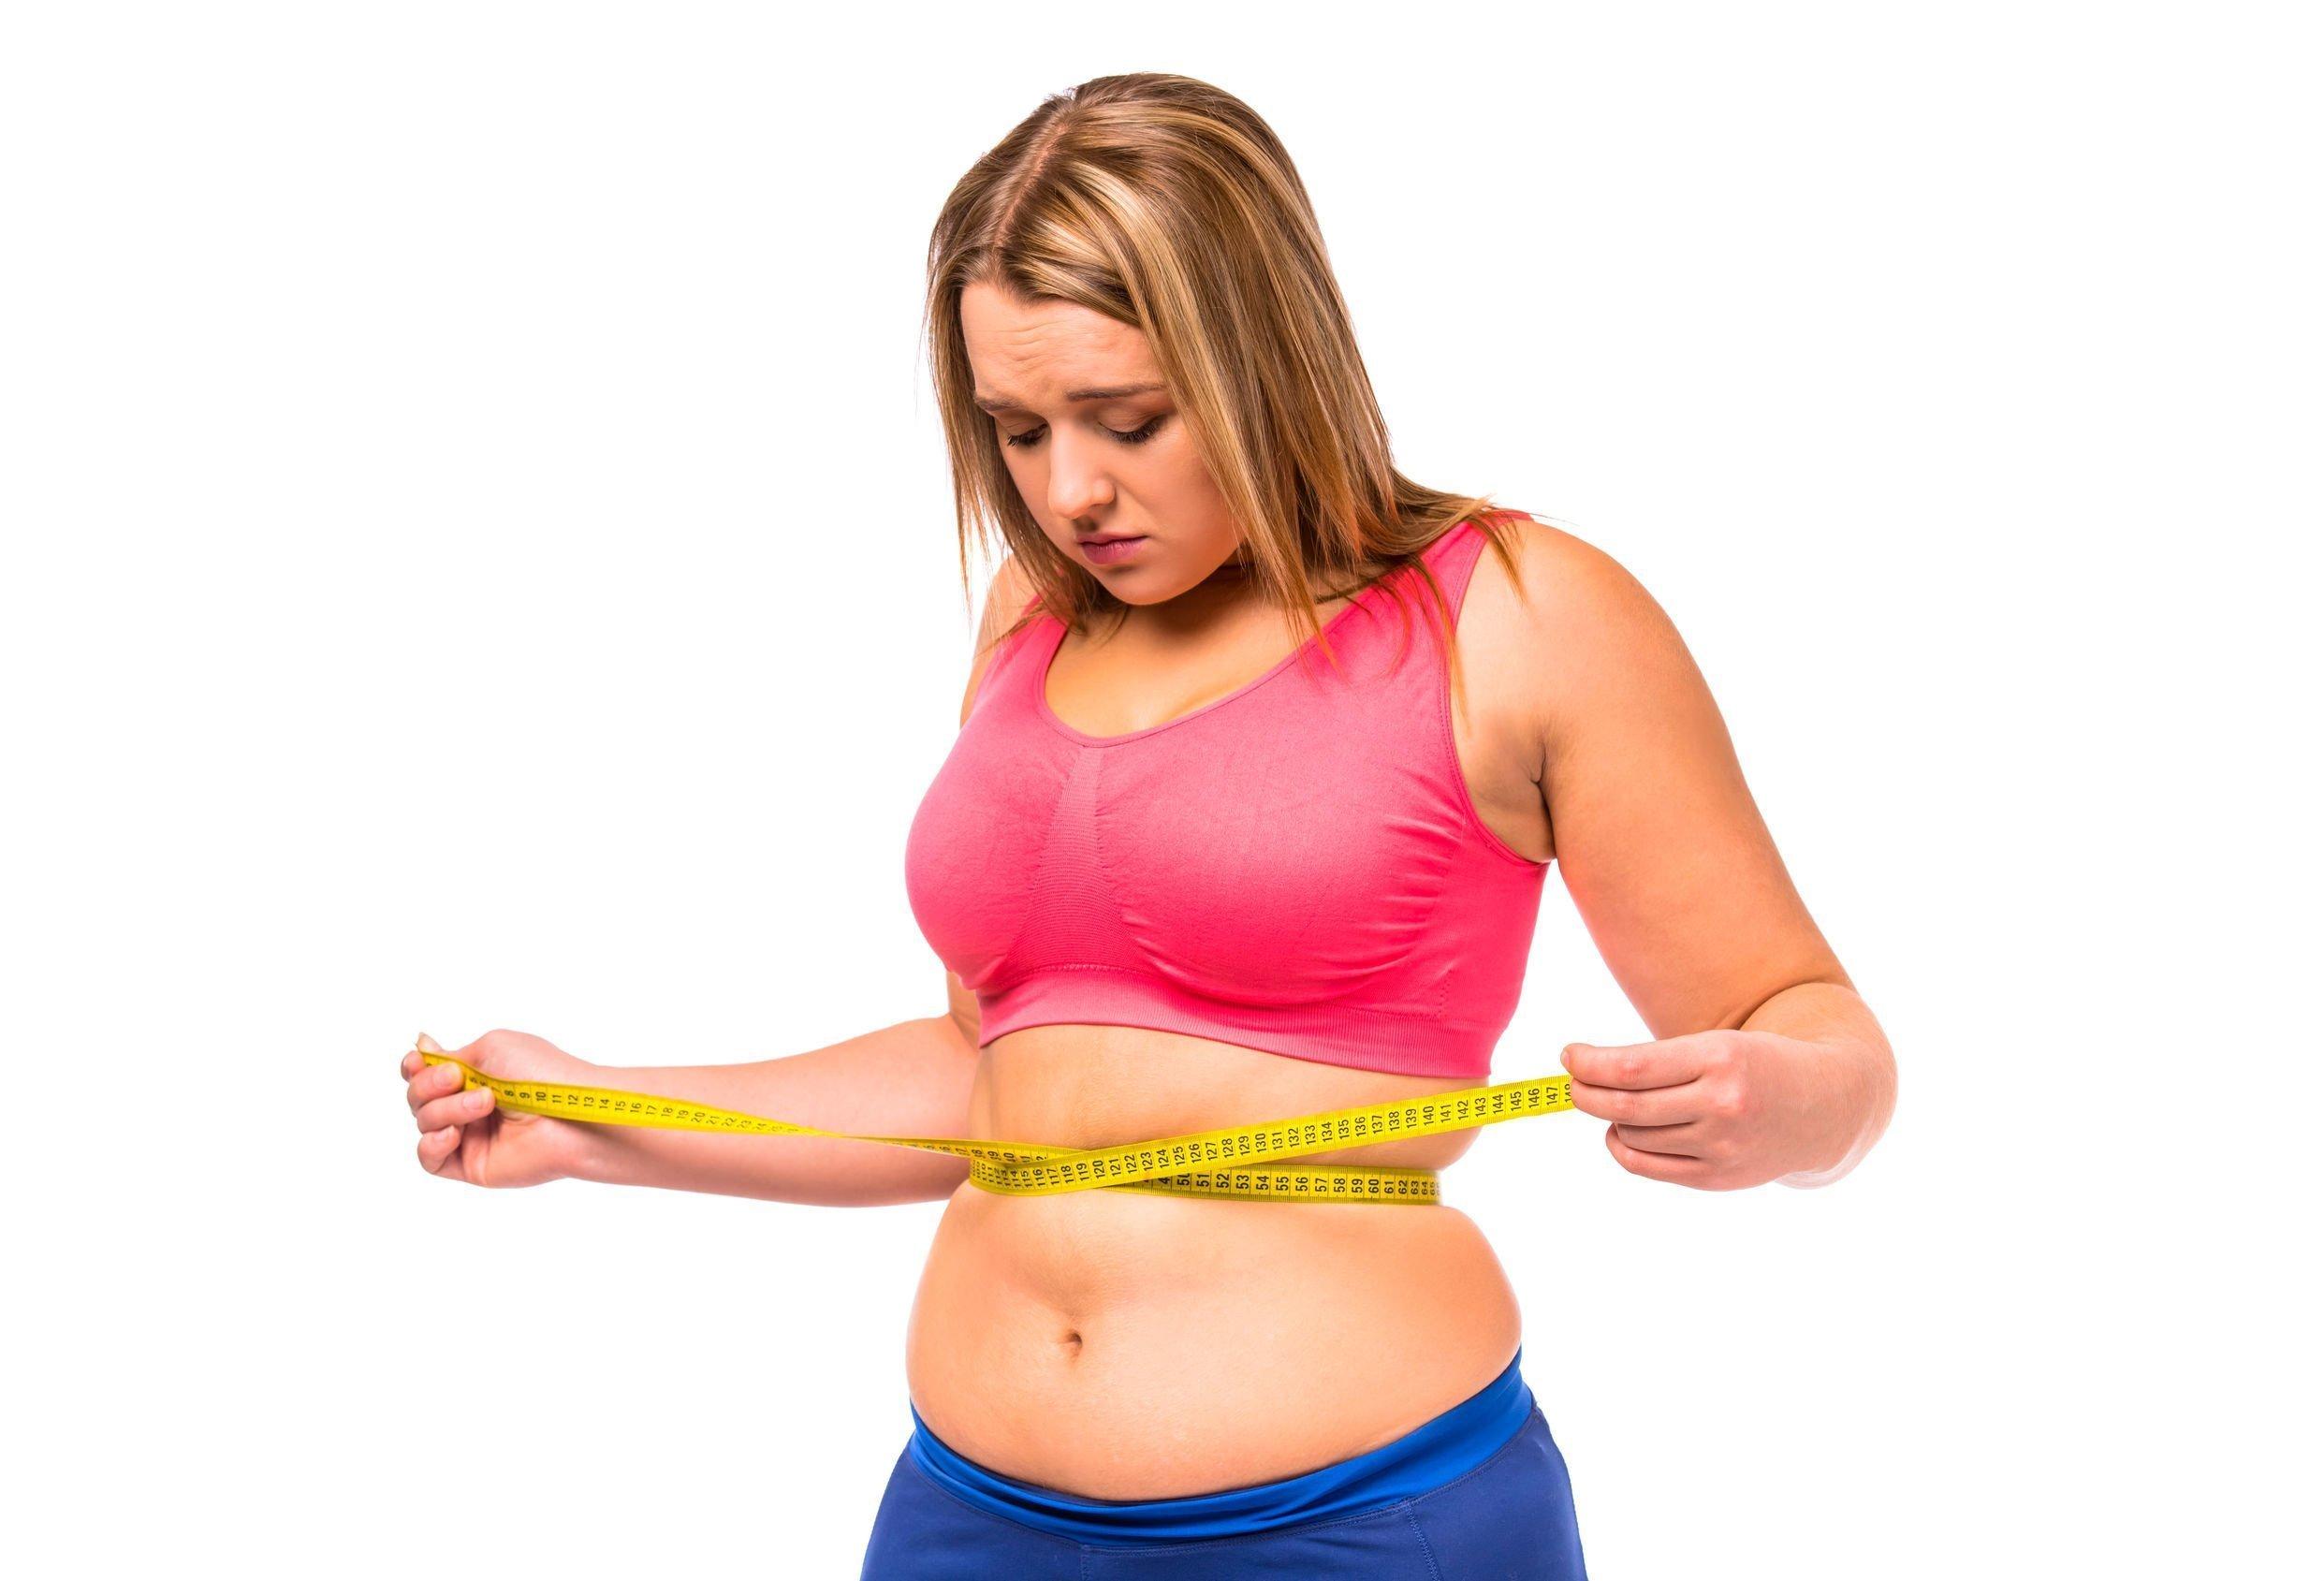 Похудеть Хочу Похудения. Как желание «Я хочу похудеть» превратить в реальность